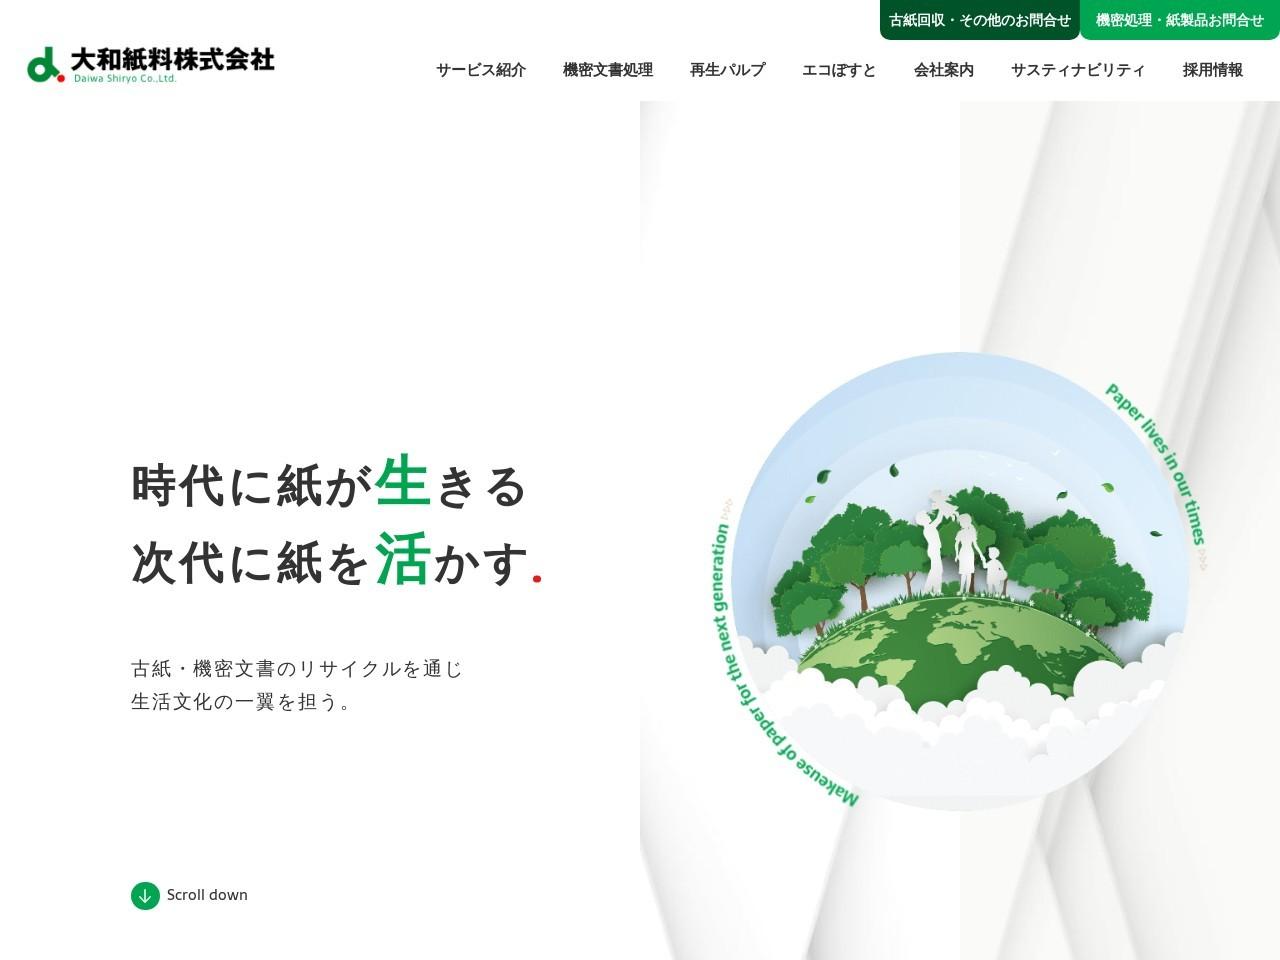 大和紙料株式会社鹿児島事業所